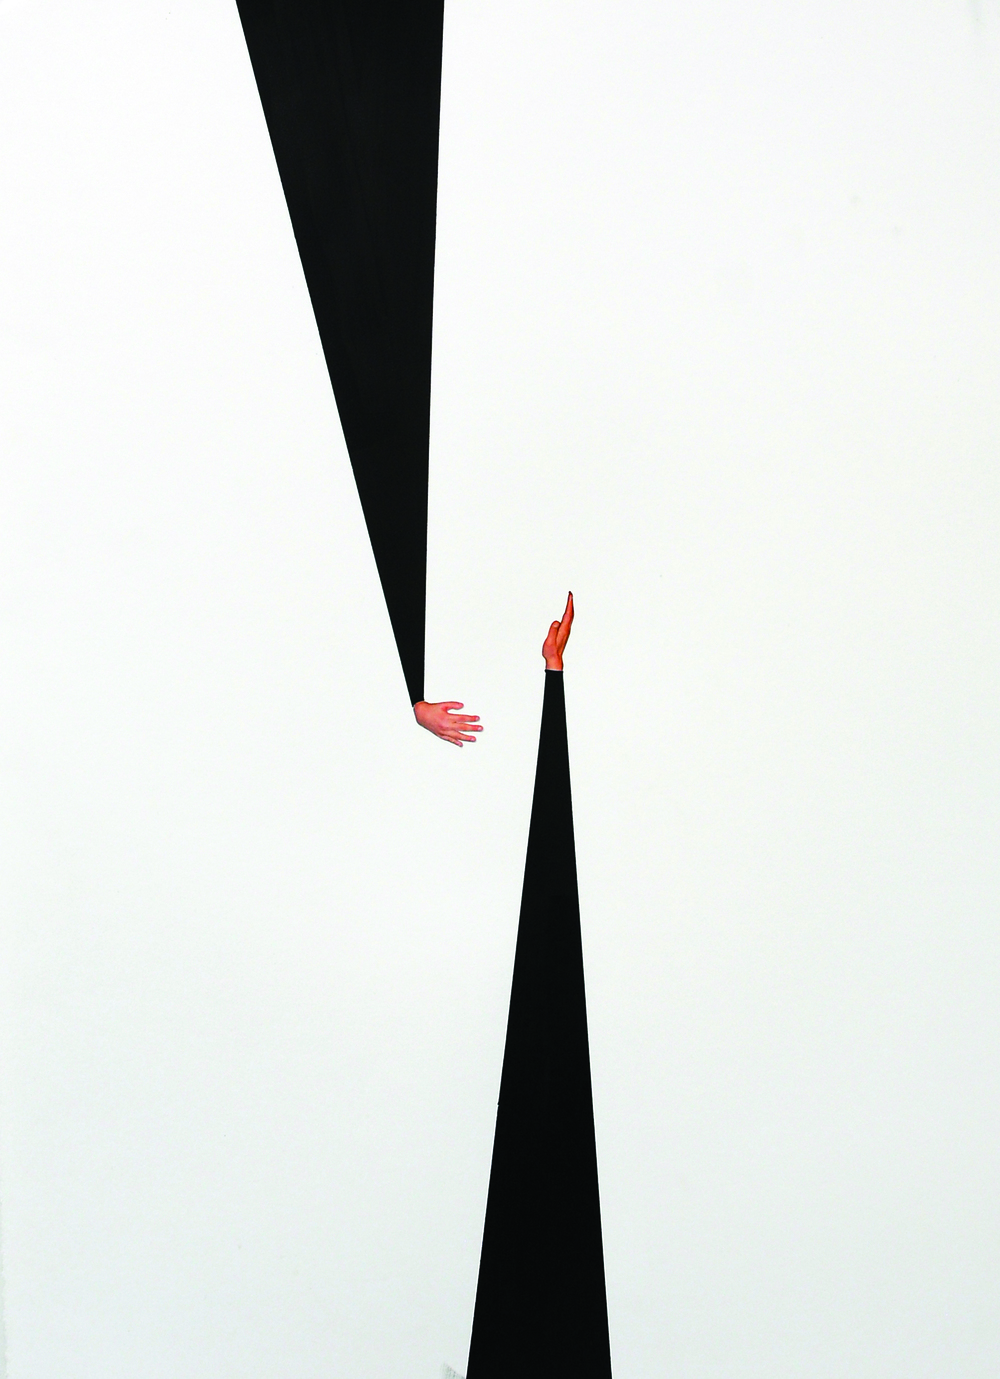 Passages ,2015,Acrylic paint, colour photograph,75 x 55 cm